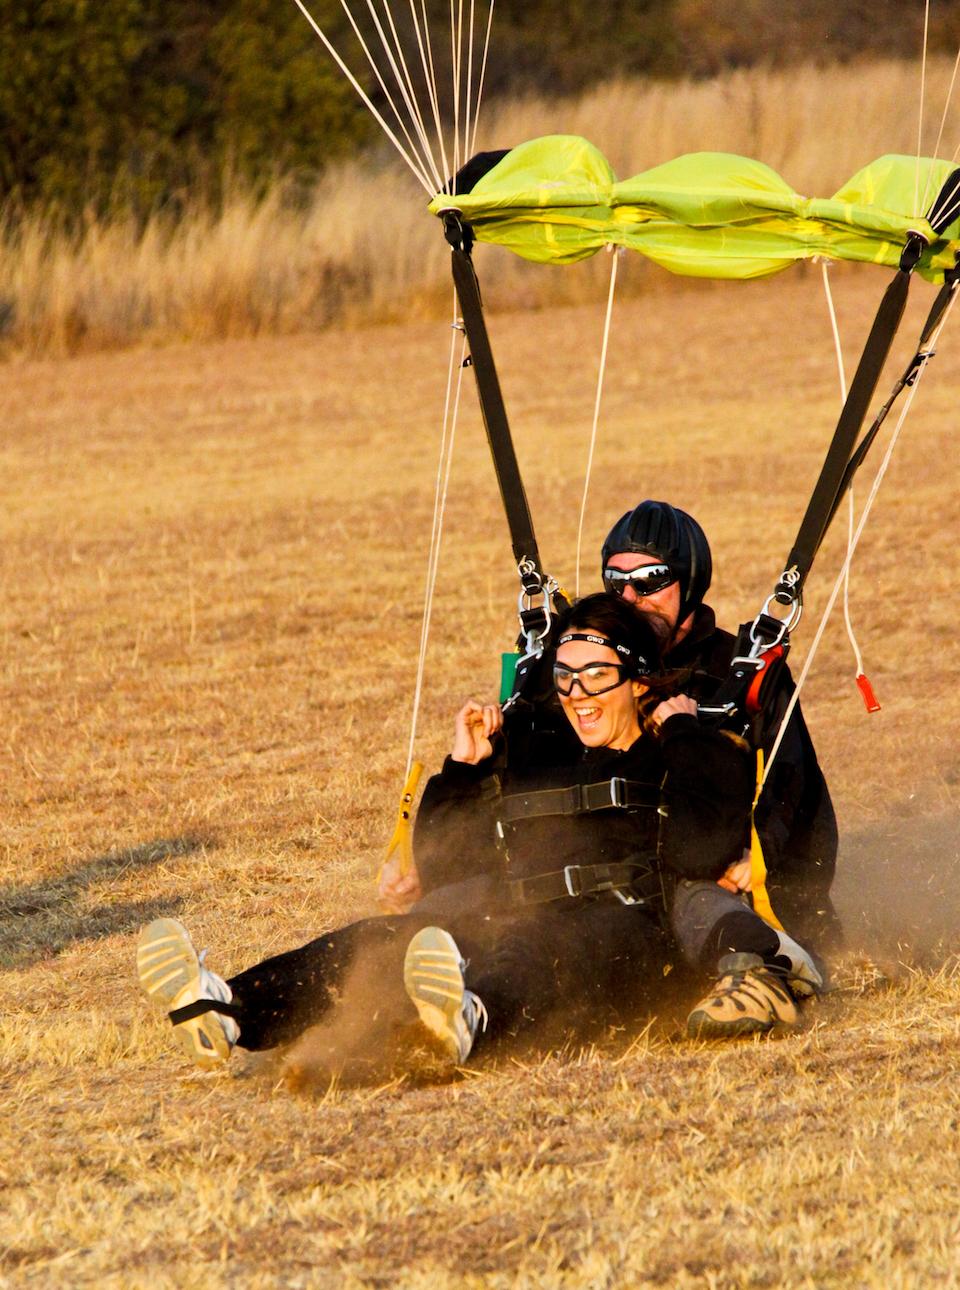 GWG skydiving